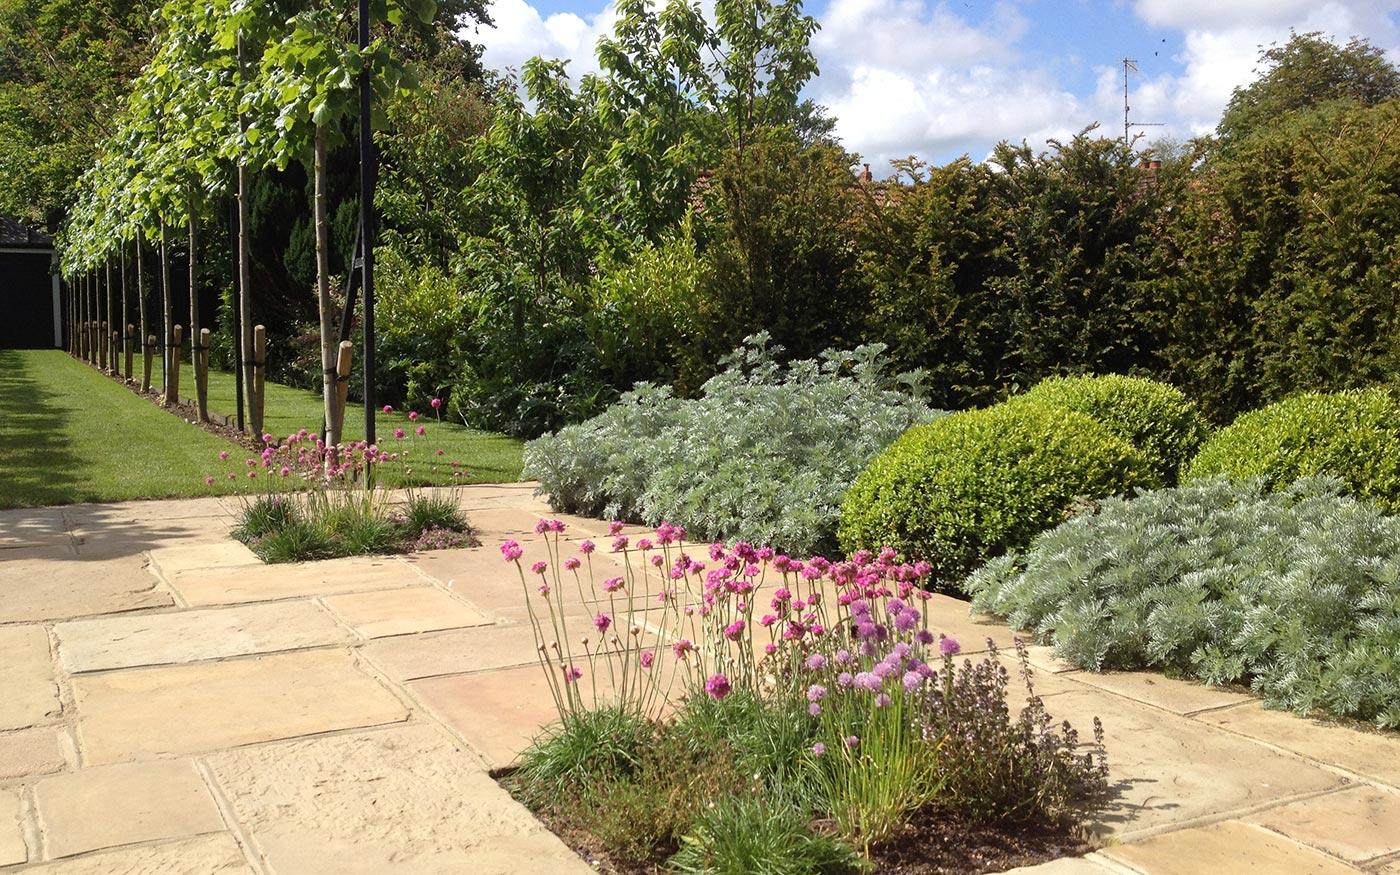 Contemporary Coastal Garden 01; A contemporary coastal garden - Landscape  design project by Susannah McDougall ... - Contemporary Coastal Garden Susannah McDougall Landscape Design